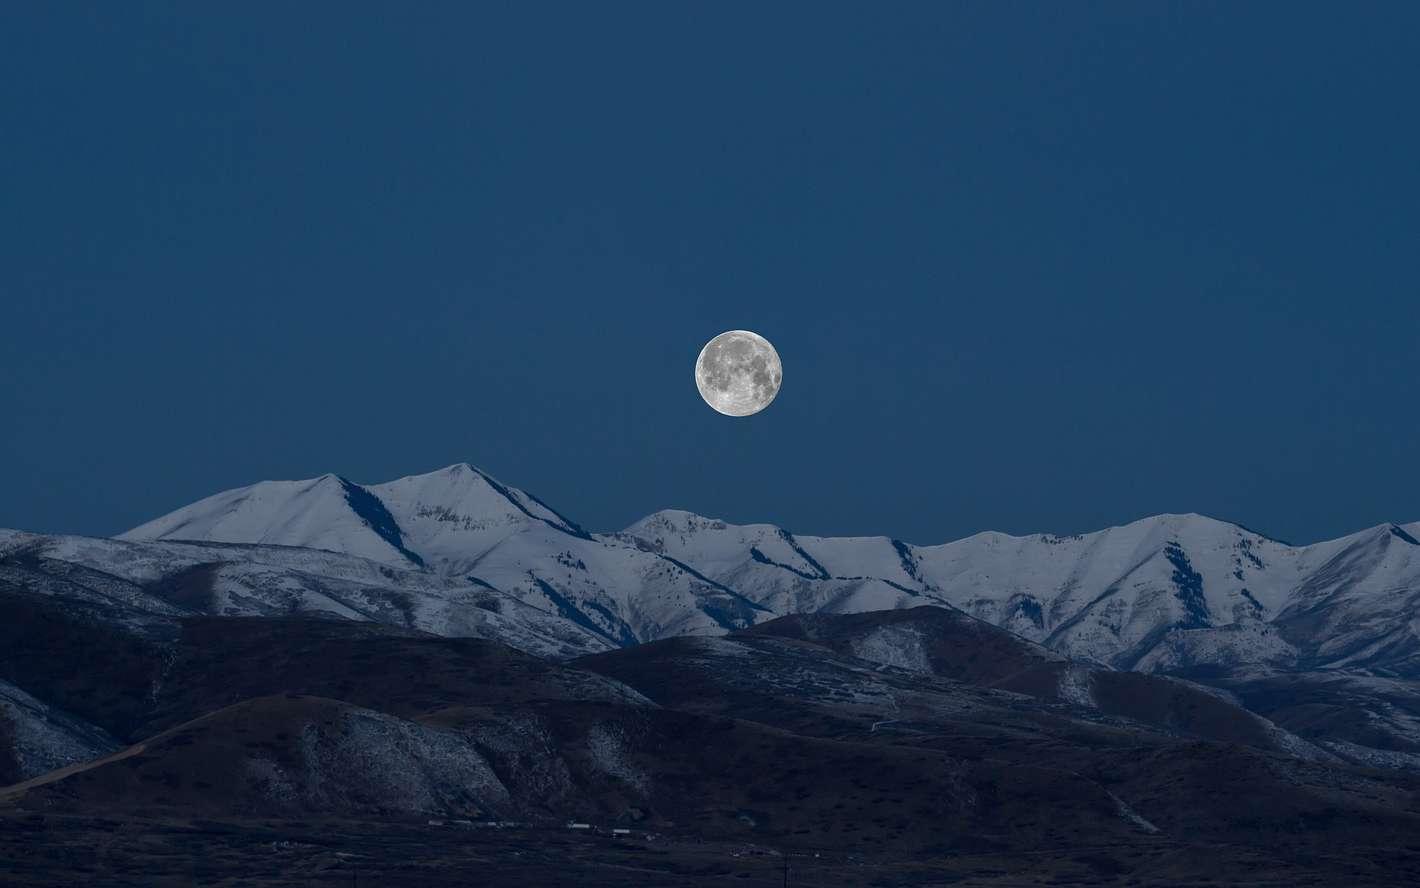 Pourquoi la Lune nous semble-t-elle beaucoup plus grosse lorsqu'elle est sur la ligne d'horizon ? © Unsplash, Pixabay, DP